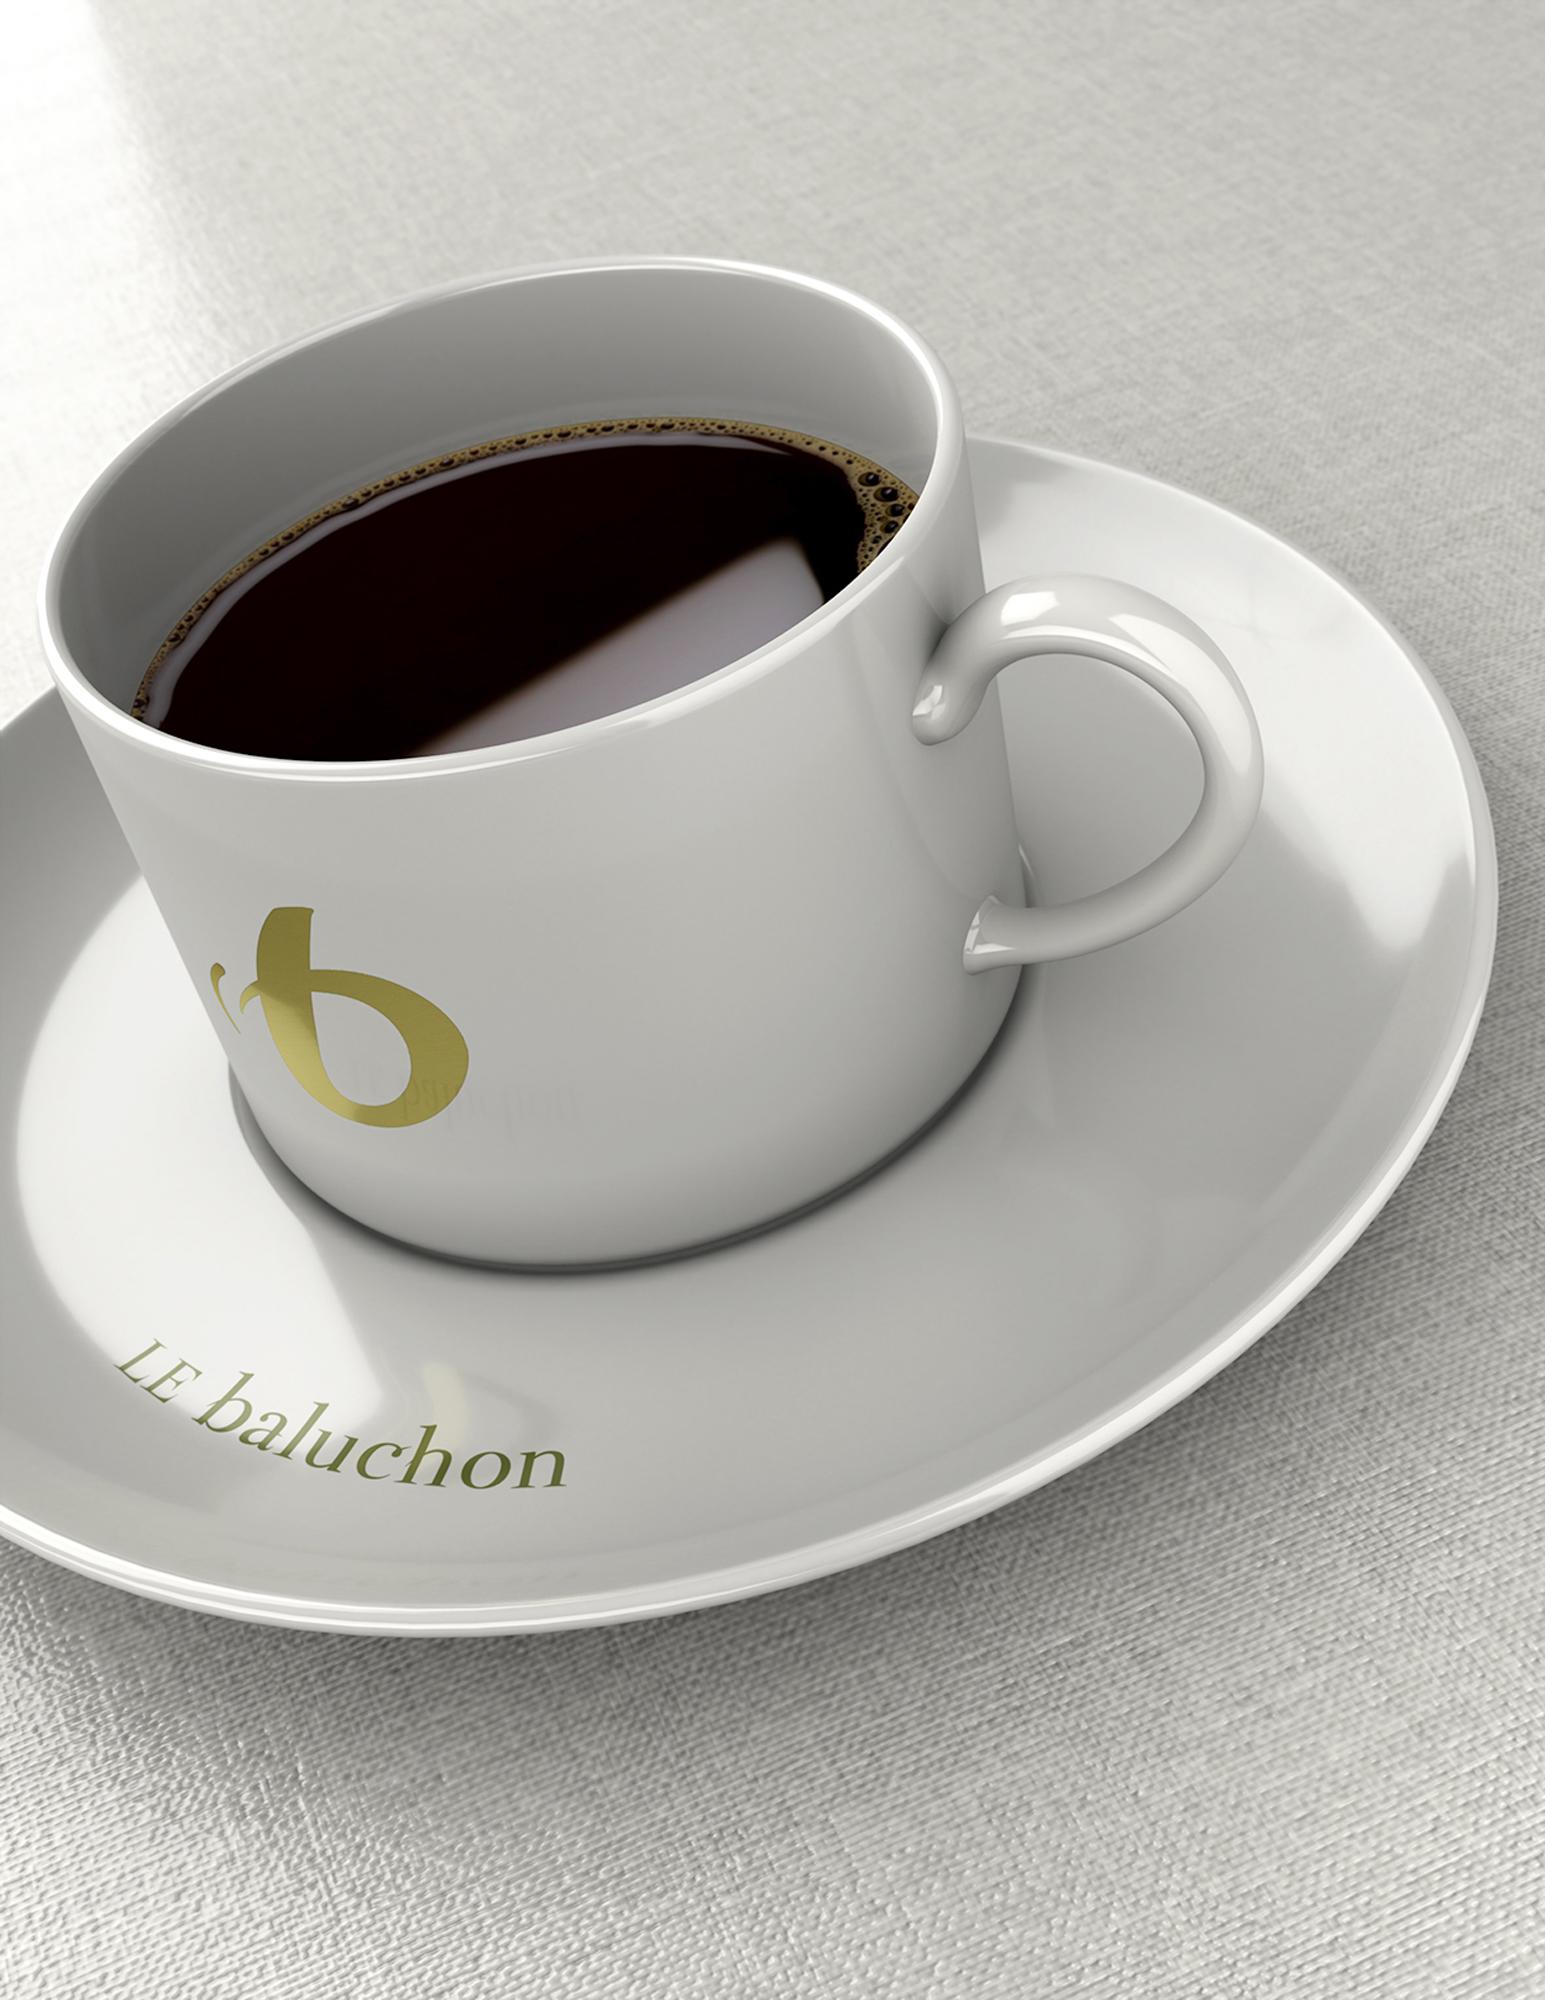 baluchon_tasse